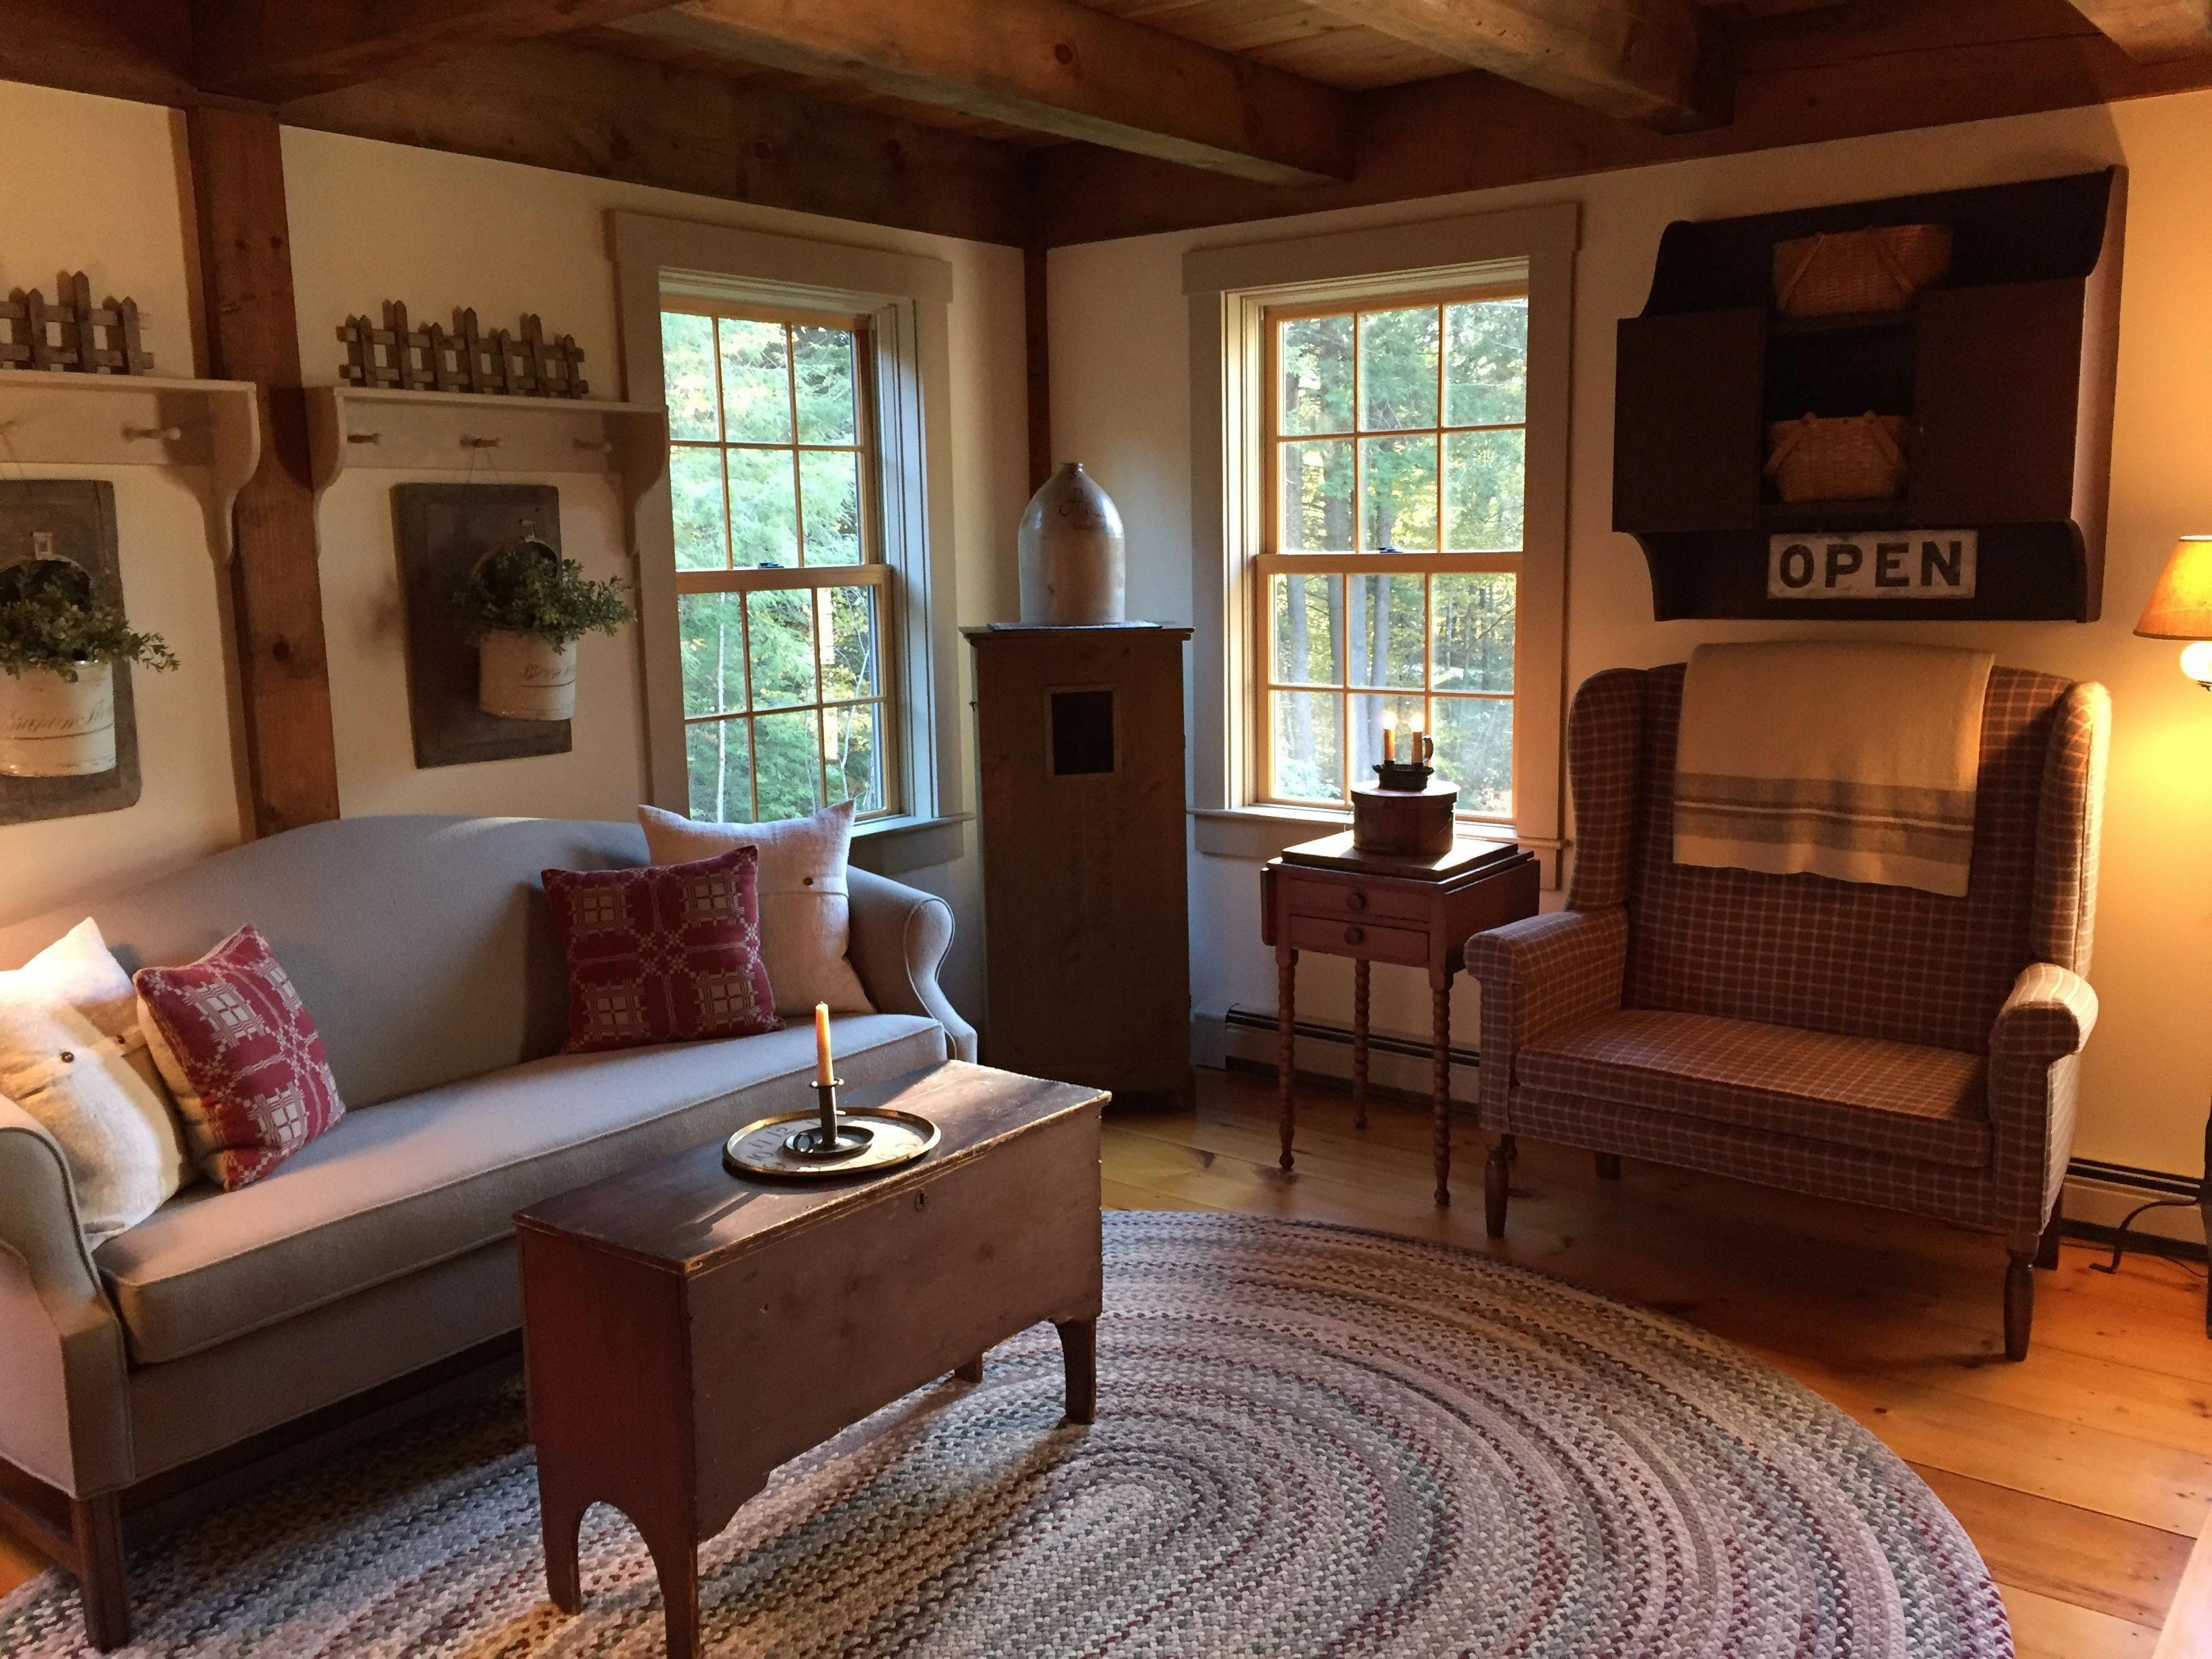 Early American Living Room Furniture Beautiful Countryprimitive Country Primitive In 2019 Dekorasi Pedesaan Dekorasi Ruang Tamu Furnitur Ruang Keluarga